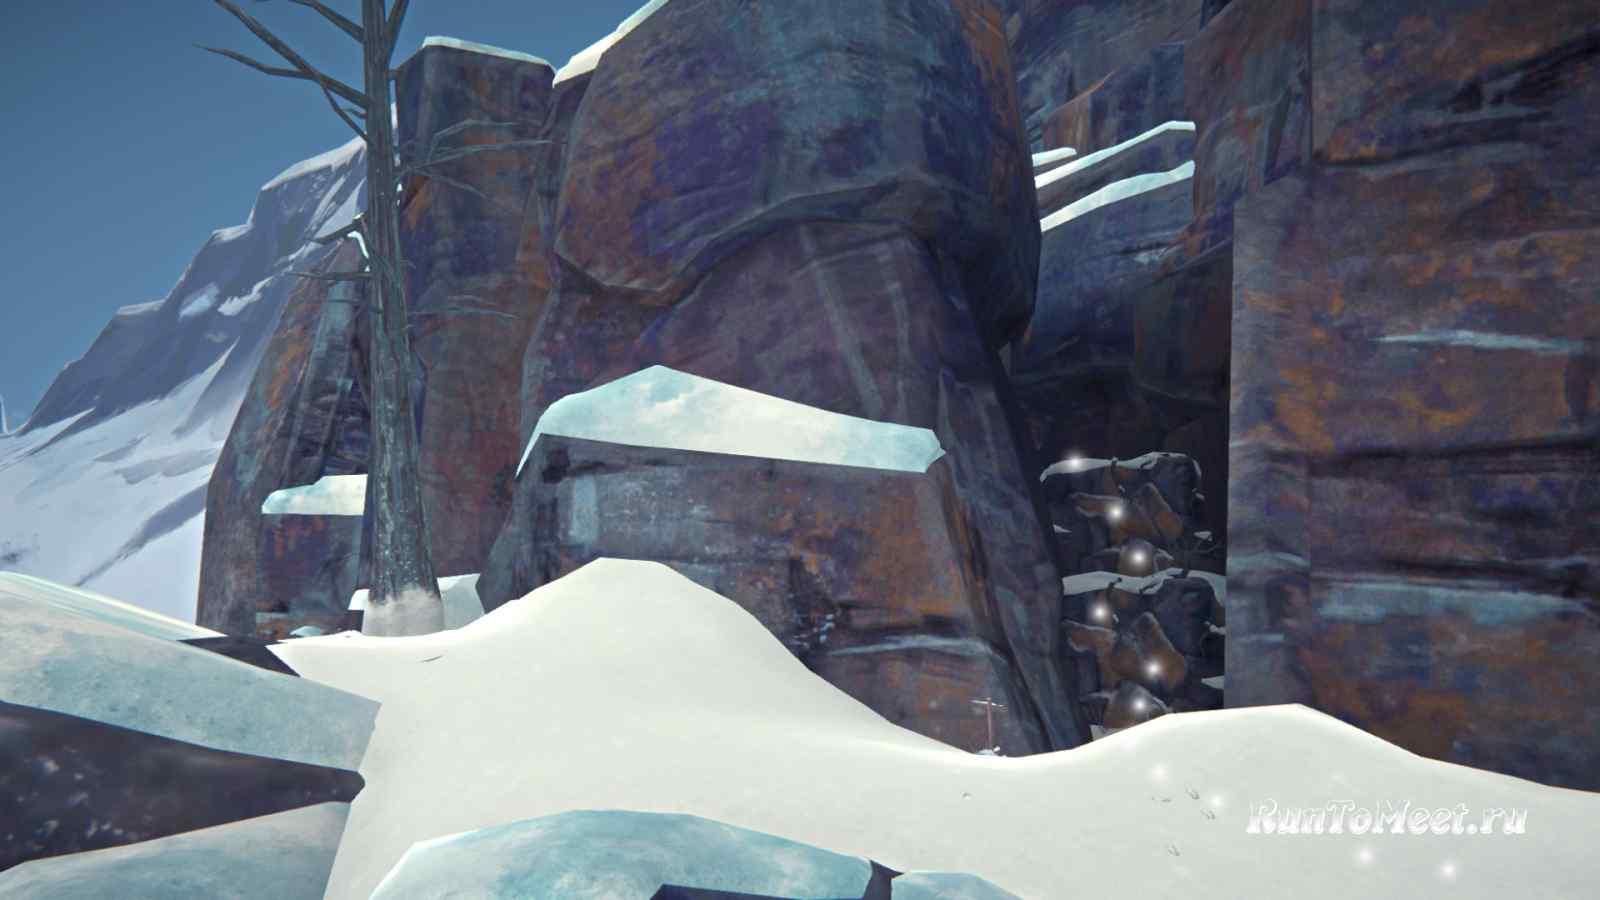 Подъем около вида на Волчью пасть в Пепельном каньоне игры The long dark